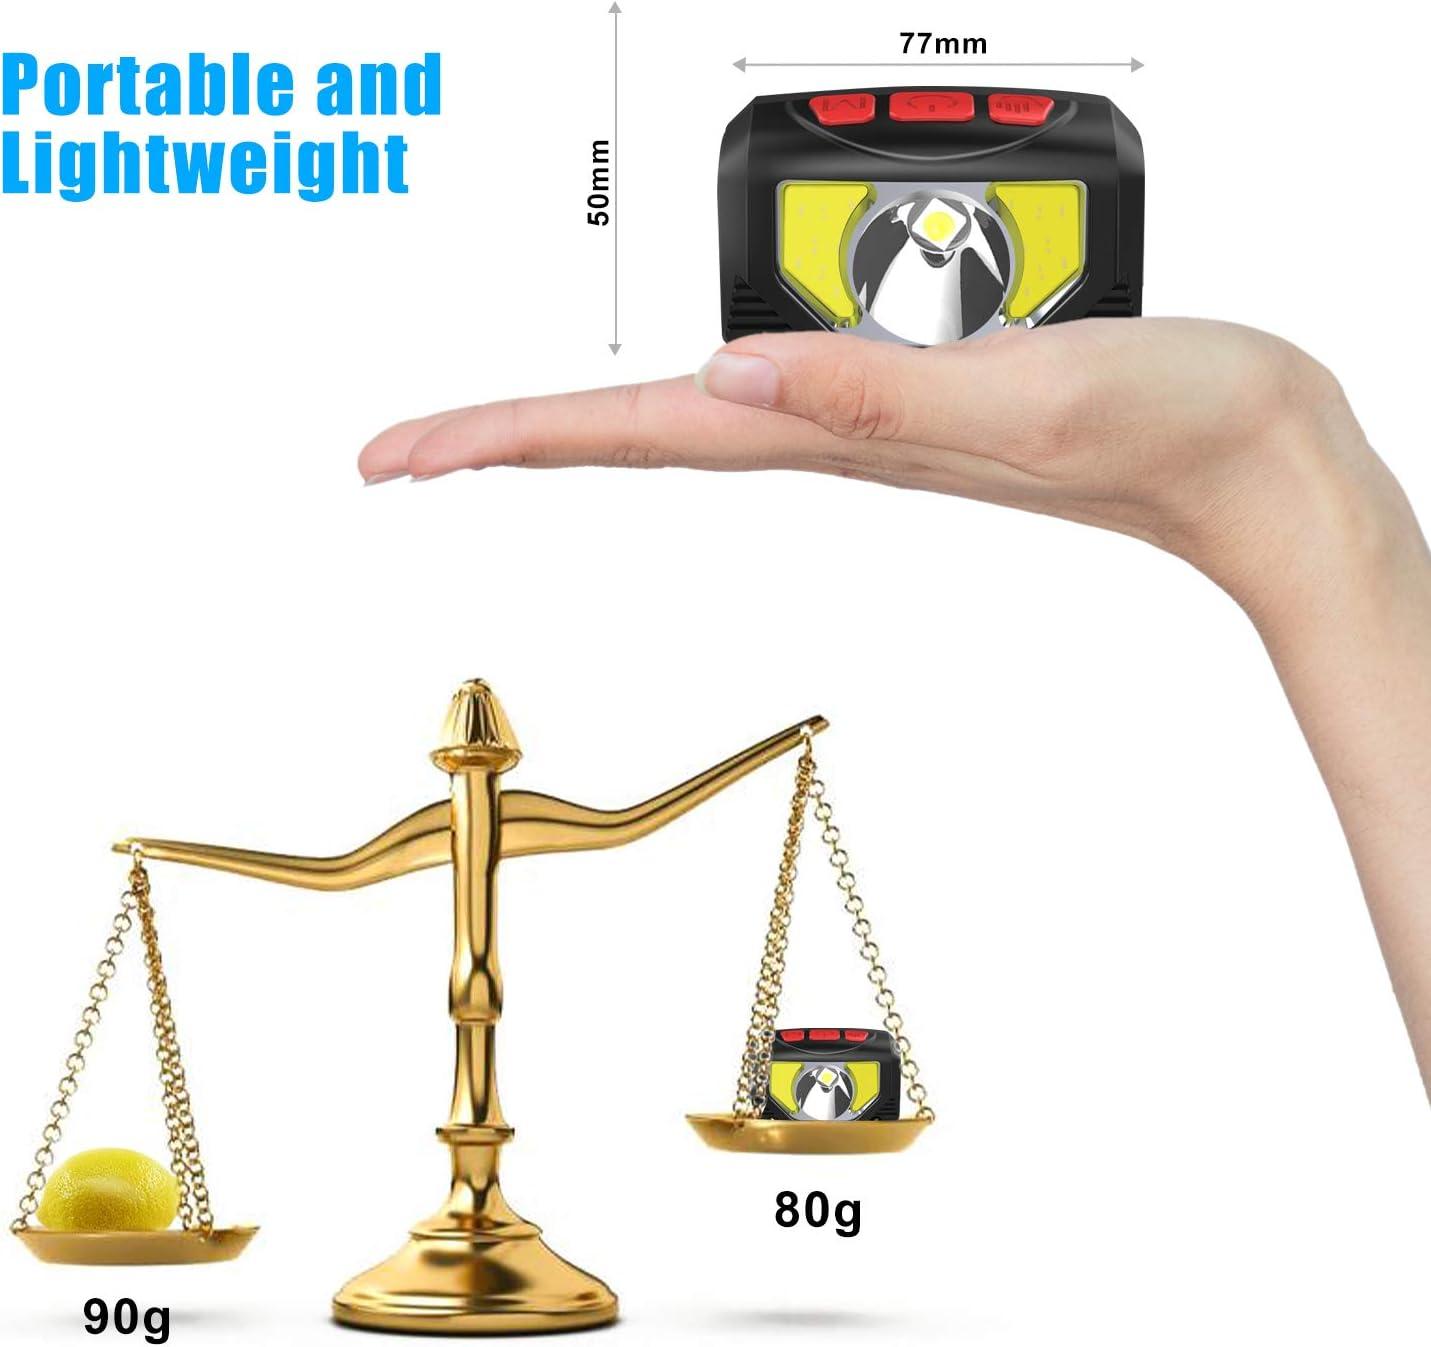 la randonn/ée Anecity Lampe Frontale LED Rechargeable par USB Super Lumineuse 1000 lumens COB LED 80 g Le Camping Lampe Frontale avec capteur de Mouvement /étanche IPX5 pour la Course lescalade